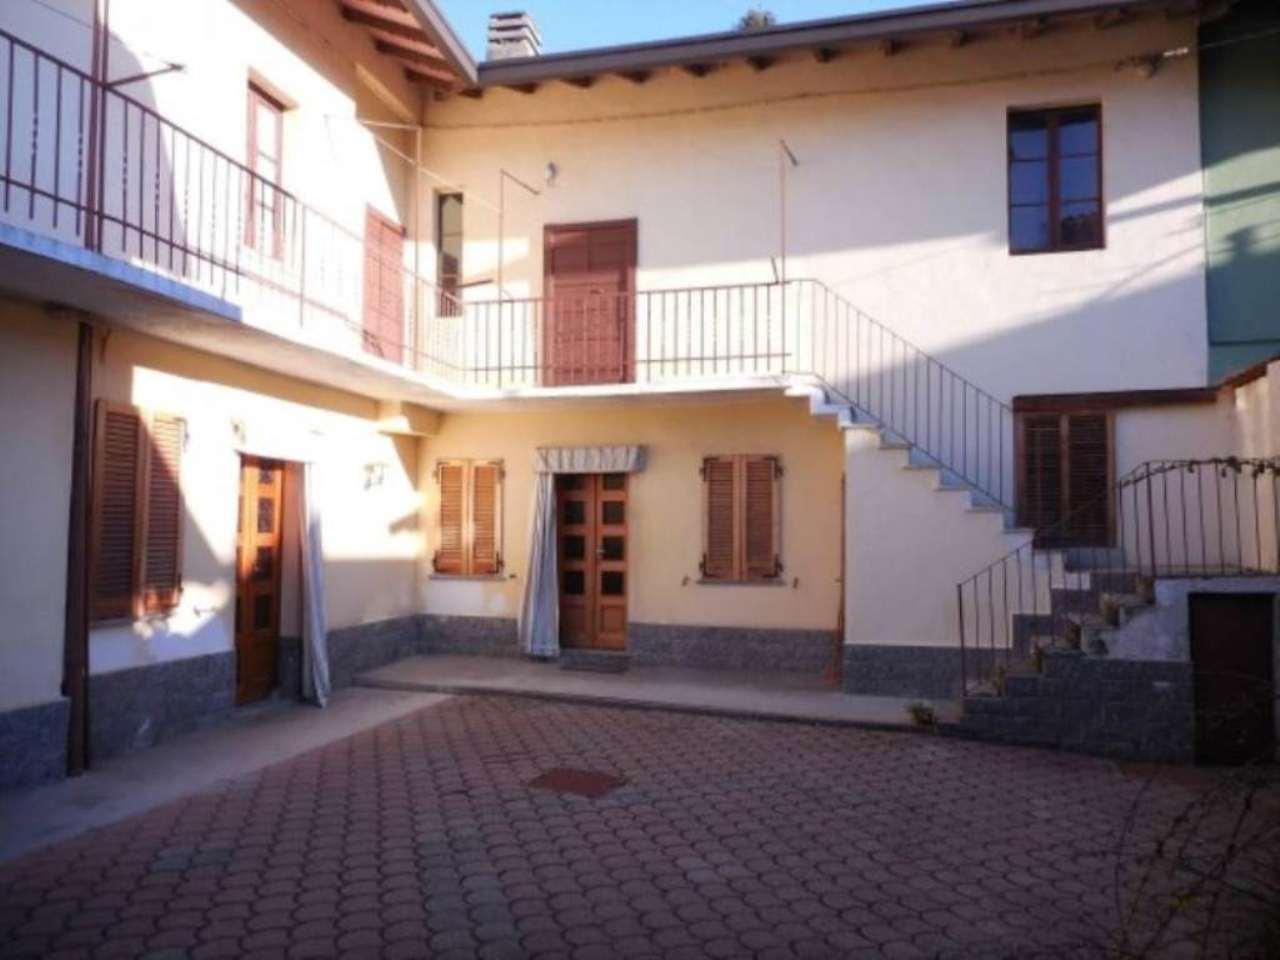 Soluzione Indipendente in vendita a Somma Lombardo, 3 locali, prezzo € 129.000 | Cambio Casa.it